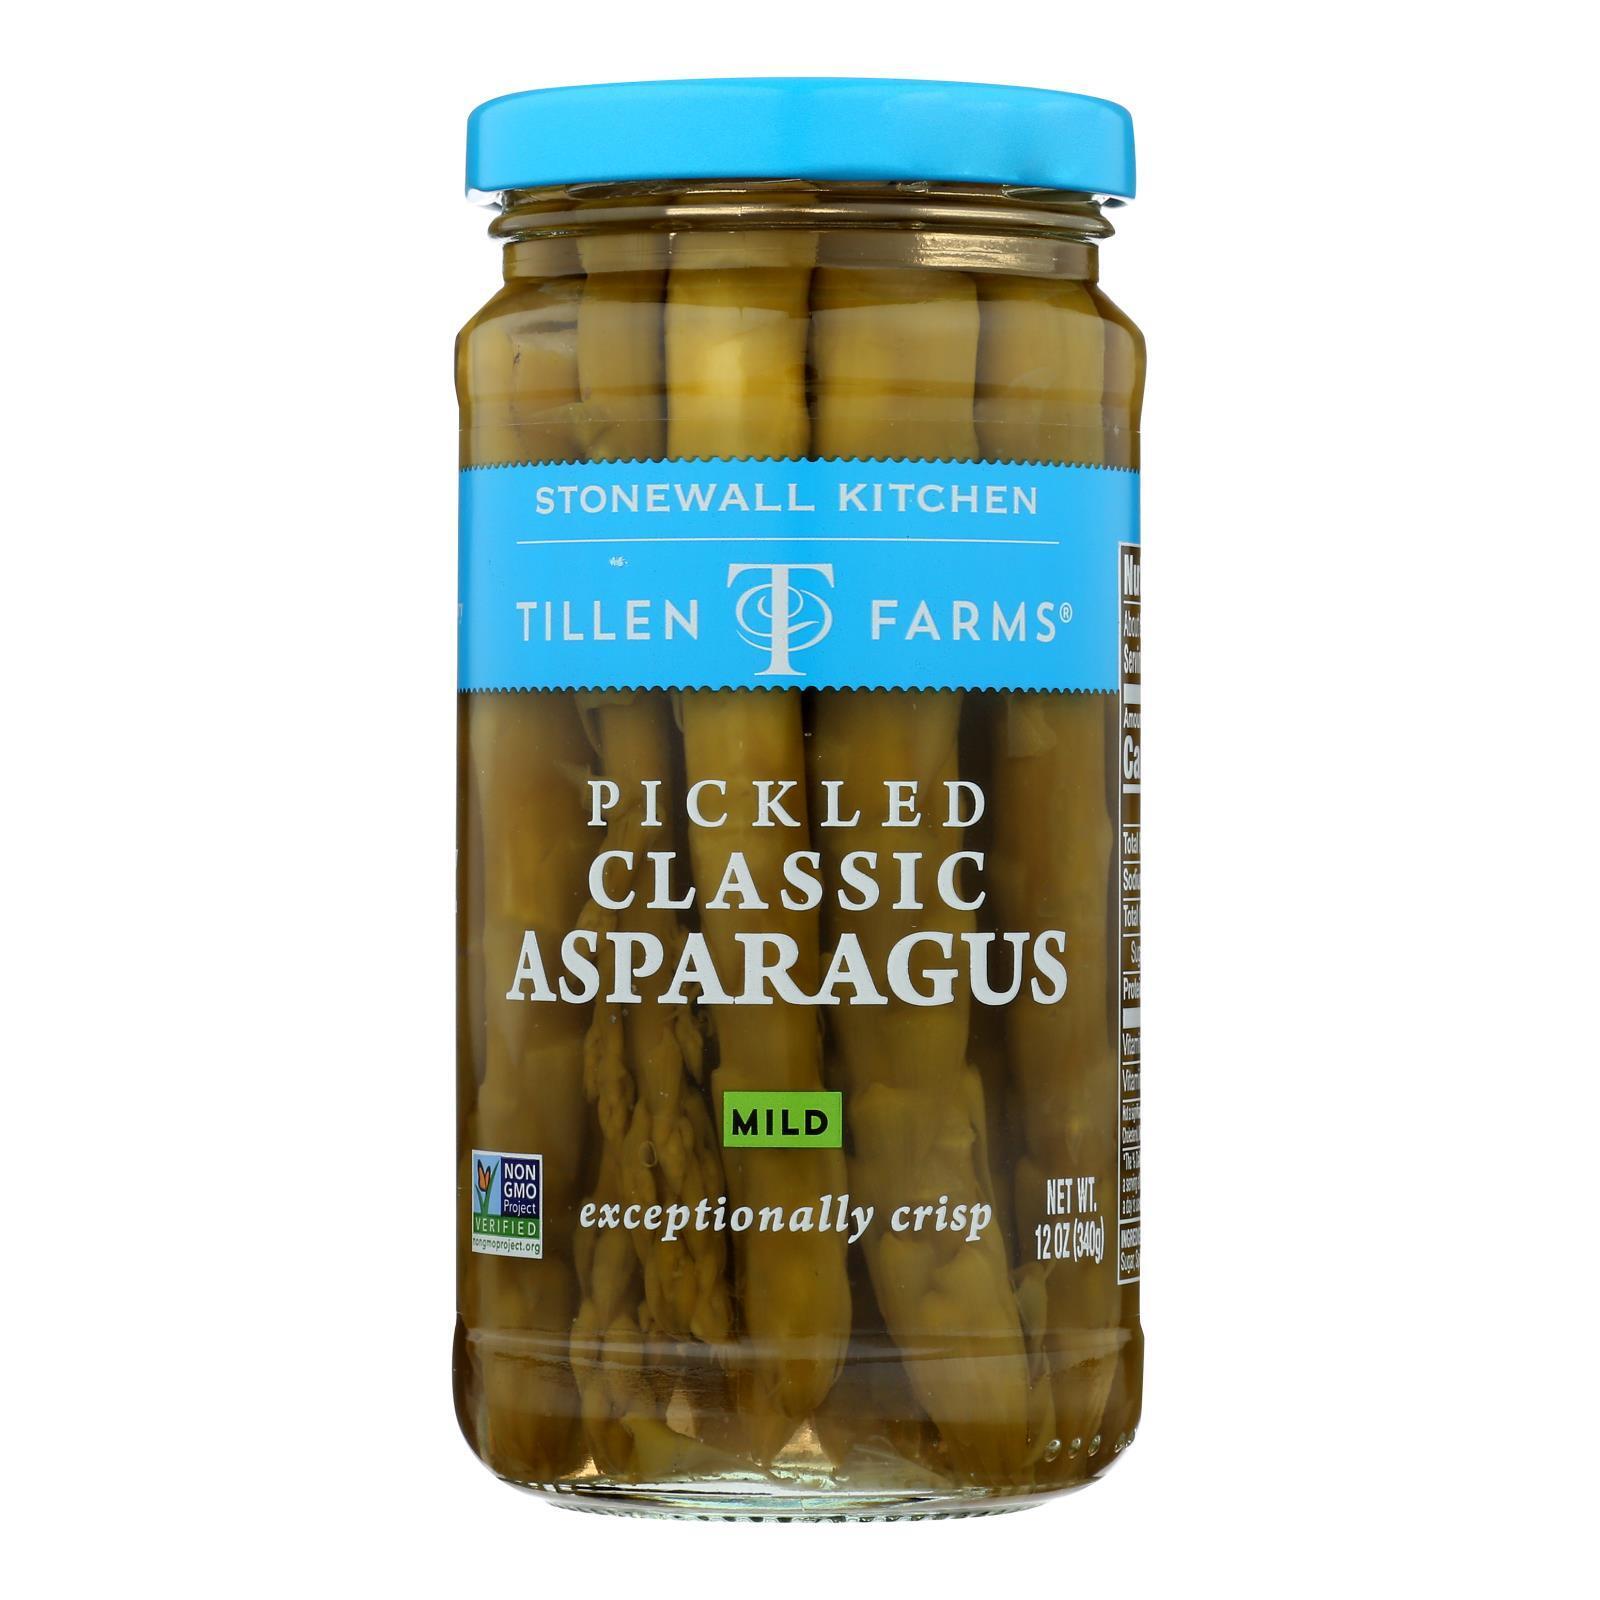 Tillen Farms Asparagus - Pickled - Crispy - 12 oz - case of 6